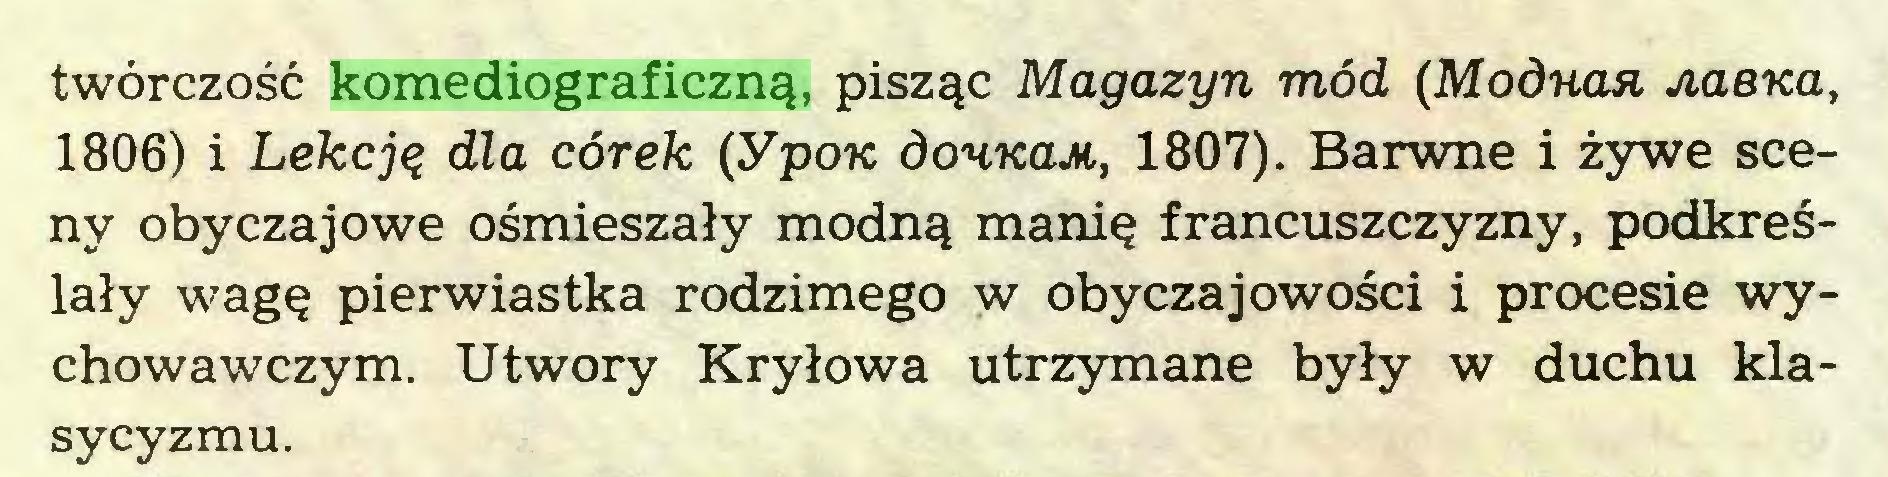 (...) twórczość komediograficzną, pisząc Magazyn mód (Modna» Jiaena, 1806) i Lekcją dla córek (ypoic dounaM, 1807). Barwne i żywe sceny obyczajowe ośmieszały modną manię francuszczyzny, podkreślały wagę pierwiastka rodzimego w obyczajowości i procesie wychowawczym. Utwory Kryłowa utrzymane były w duchu klasycyzmu...